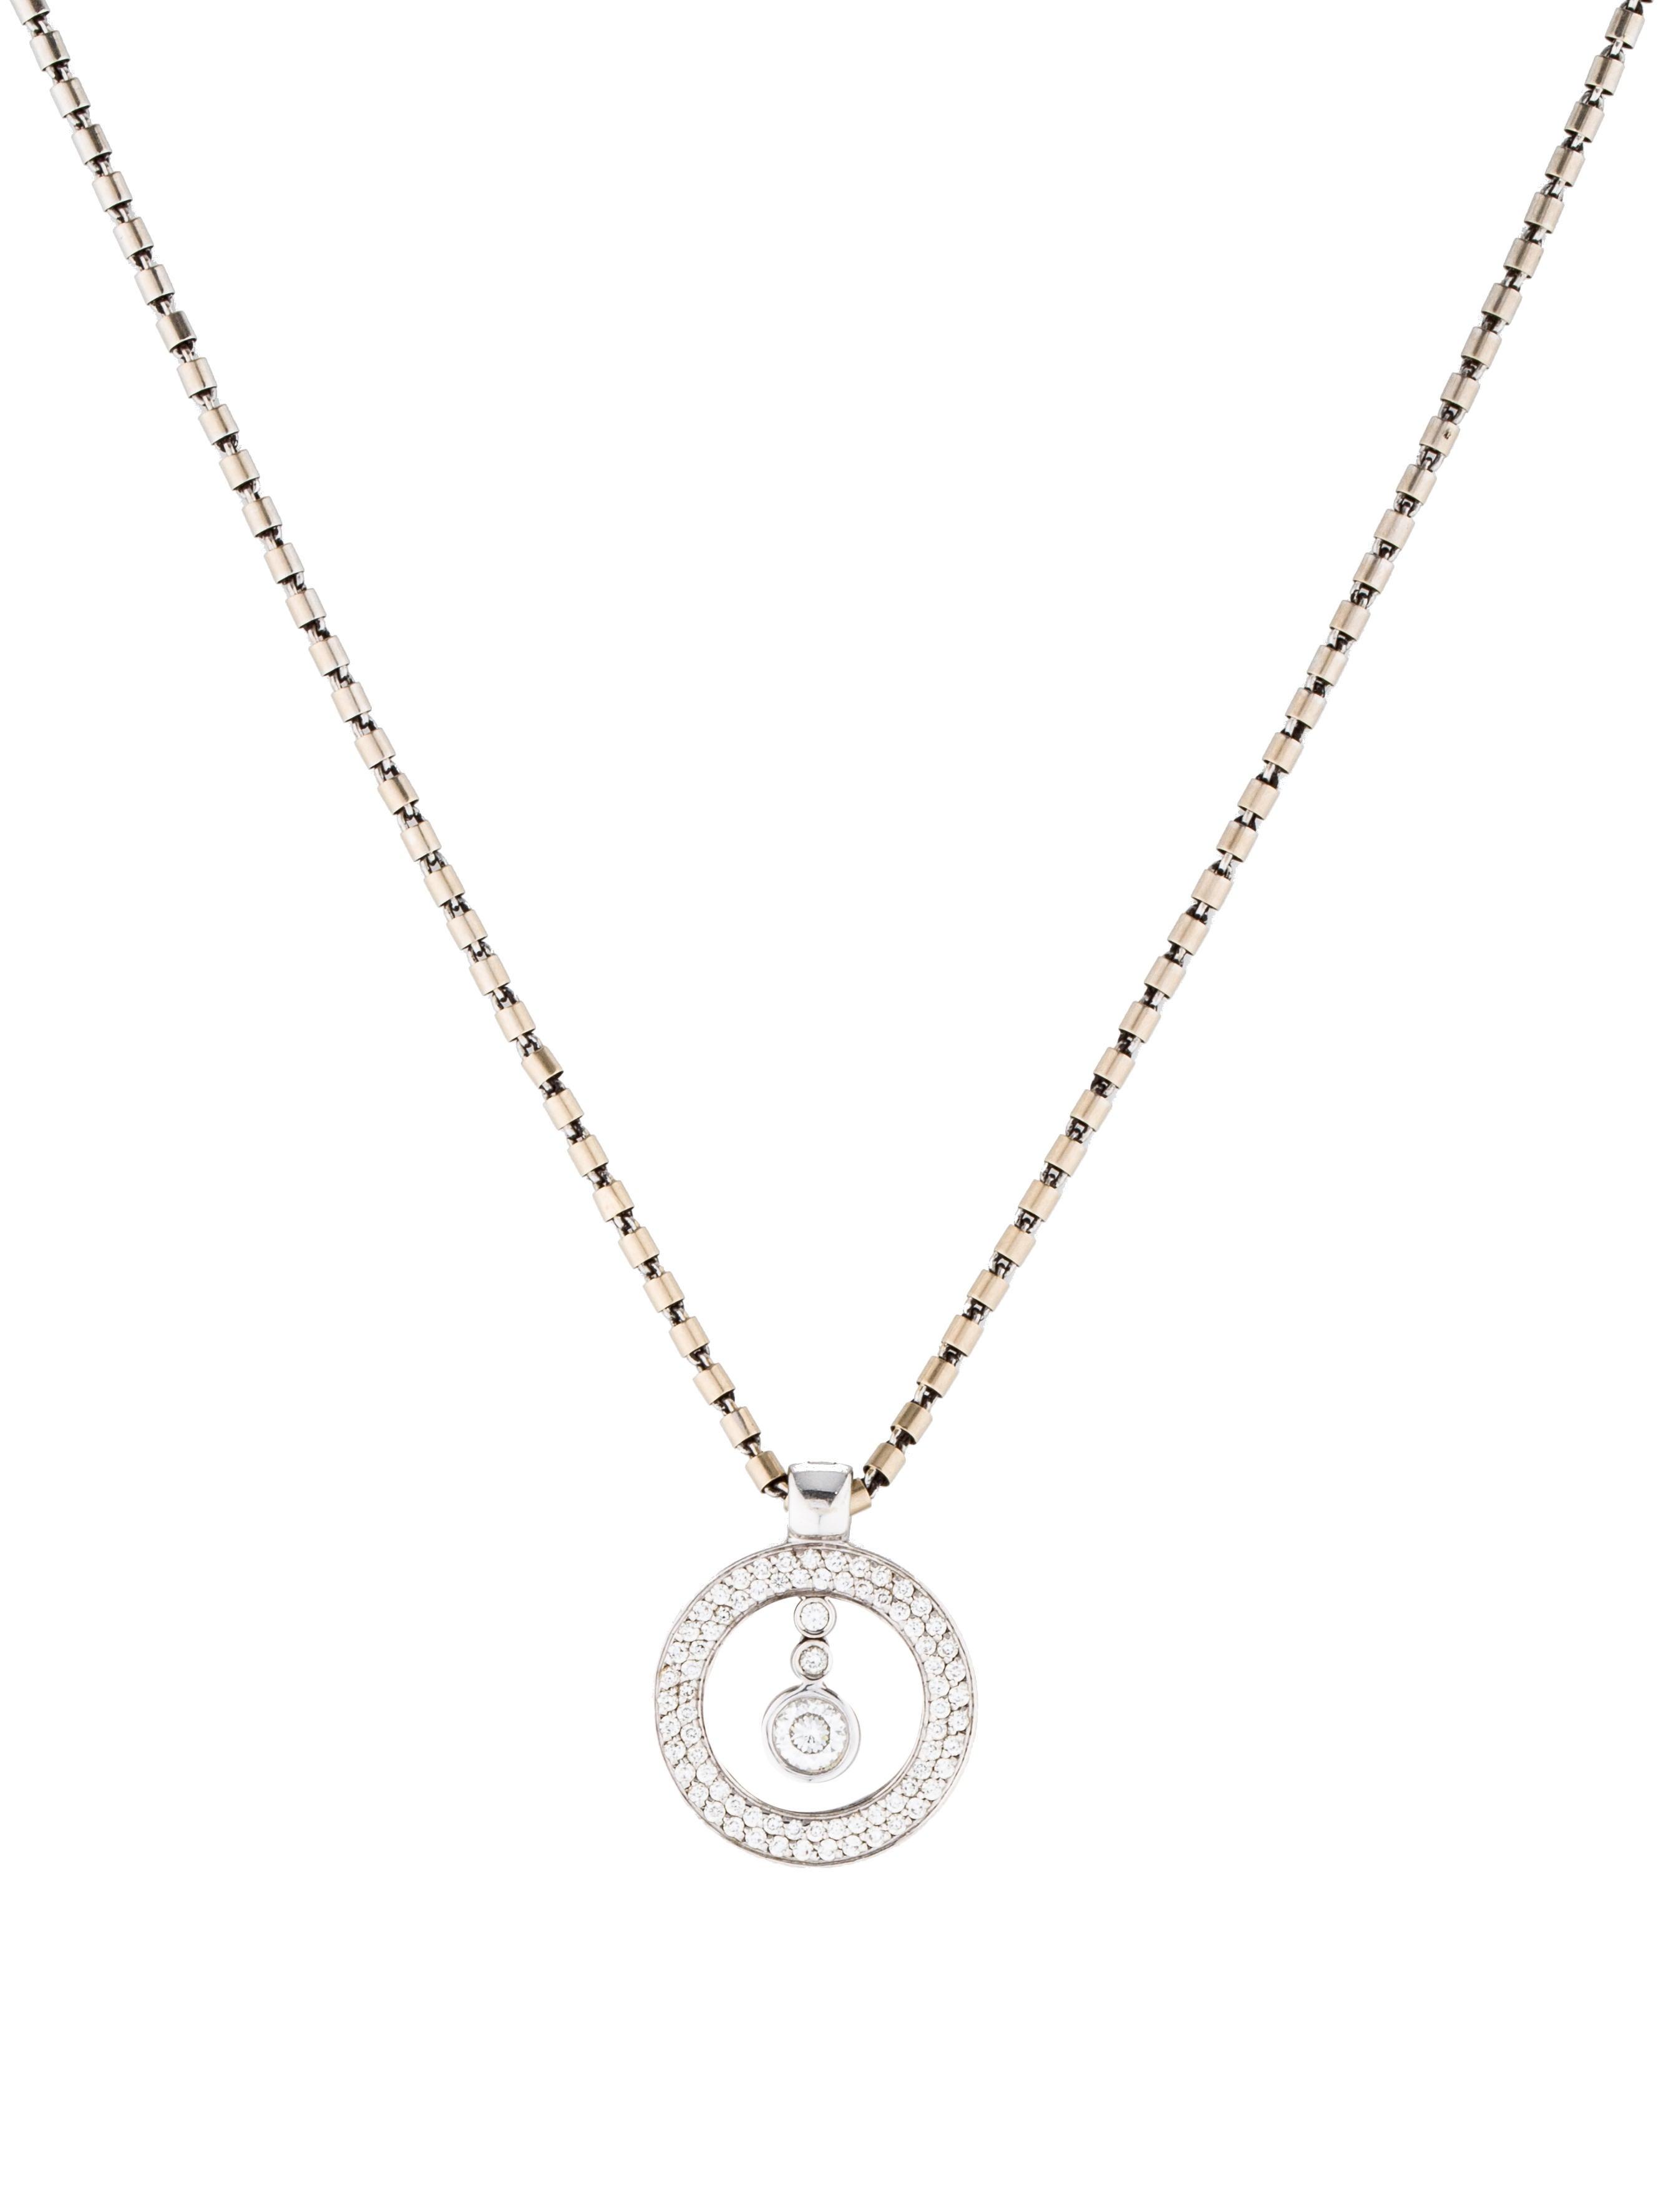 Roberto Coin Bar Necklace Sets Canadian Quarter Coin